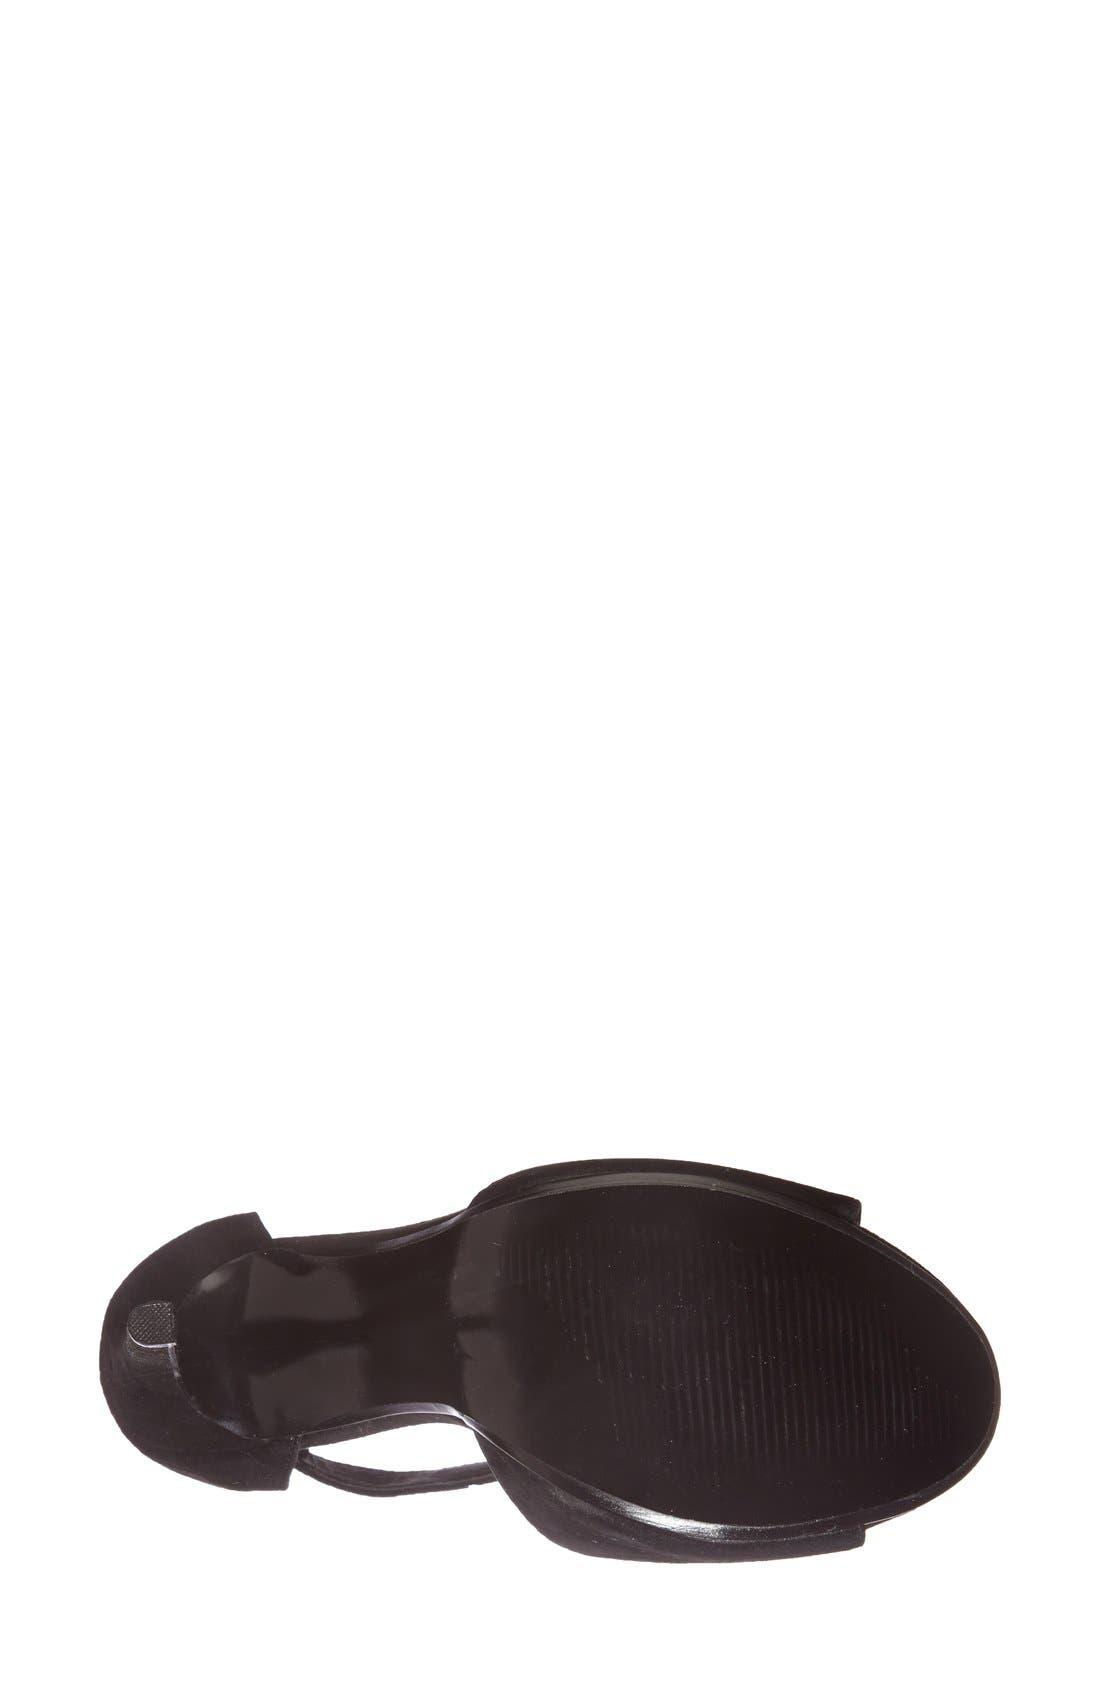 Alternate Image 4  - Steve Madden 'Mogull' Ankle Strap Sandal (Women)